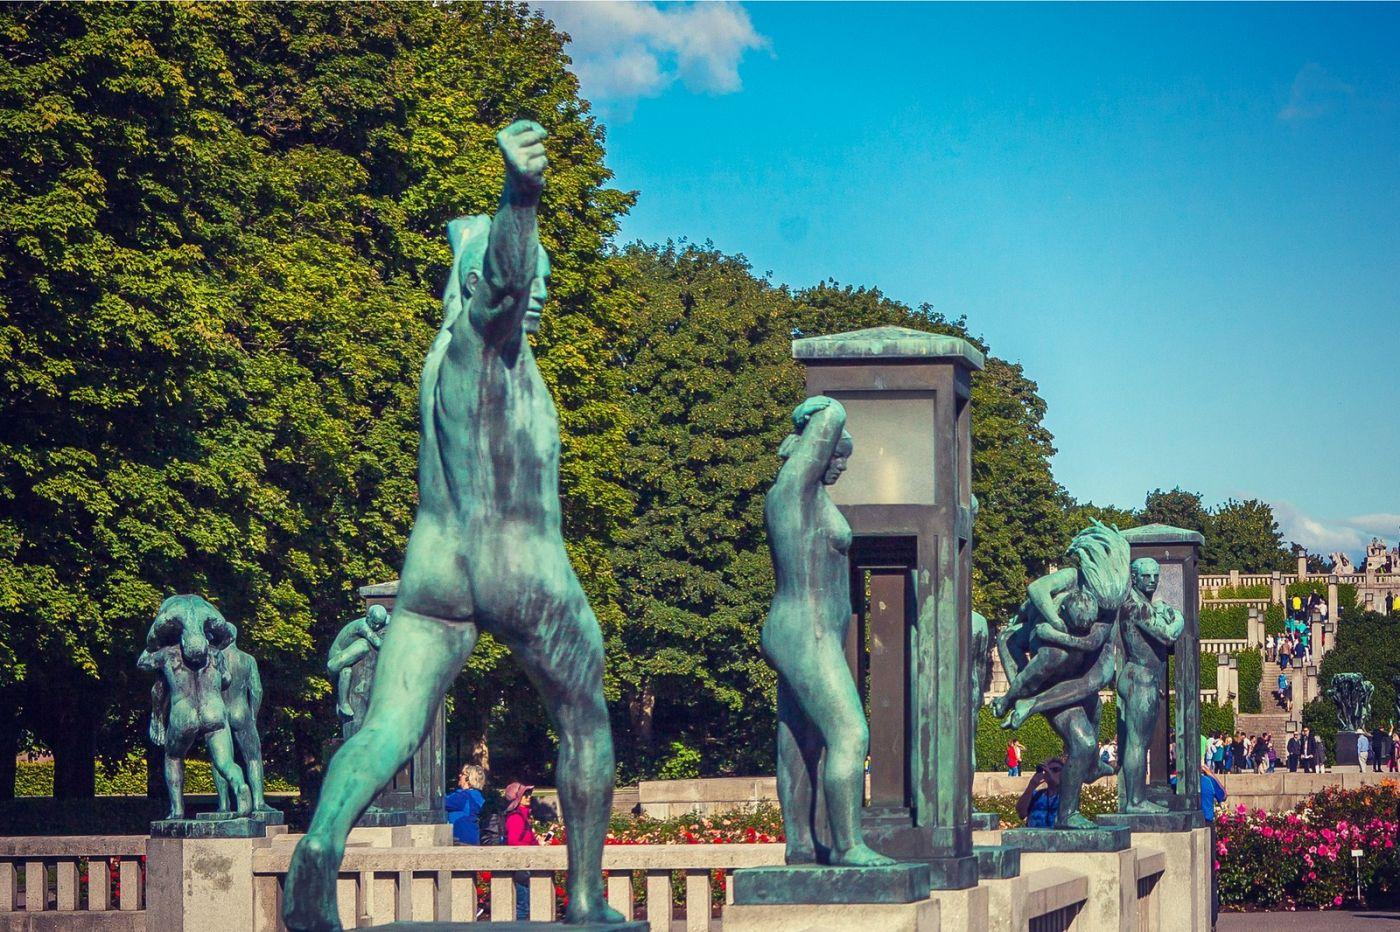 挪威维格兰雕塑公园,风格明显_图1-2